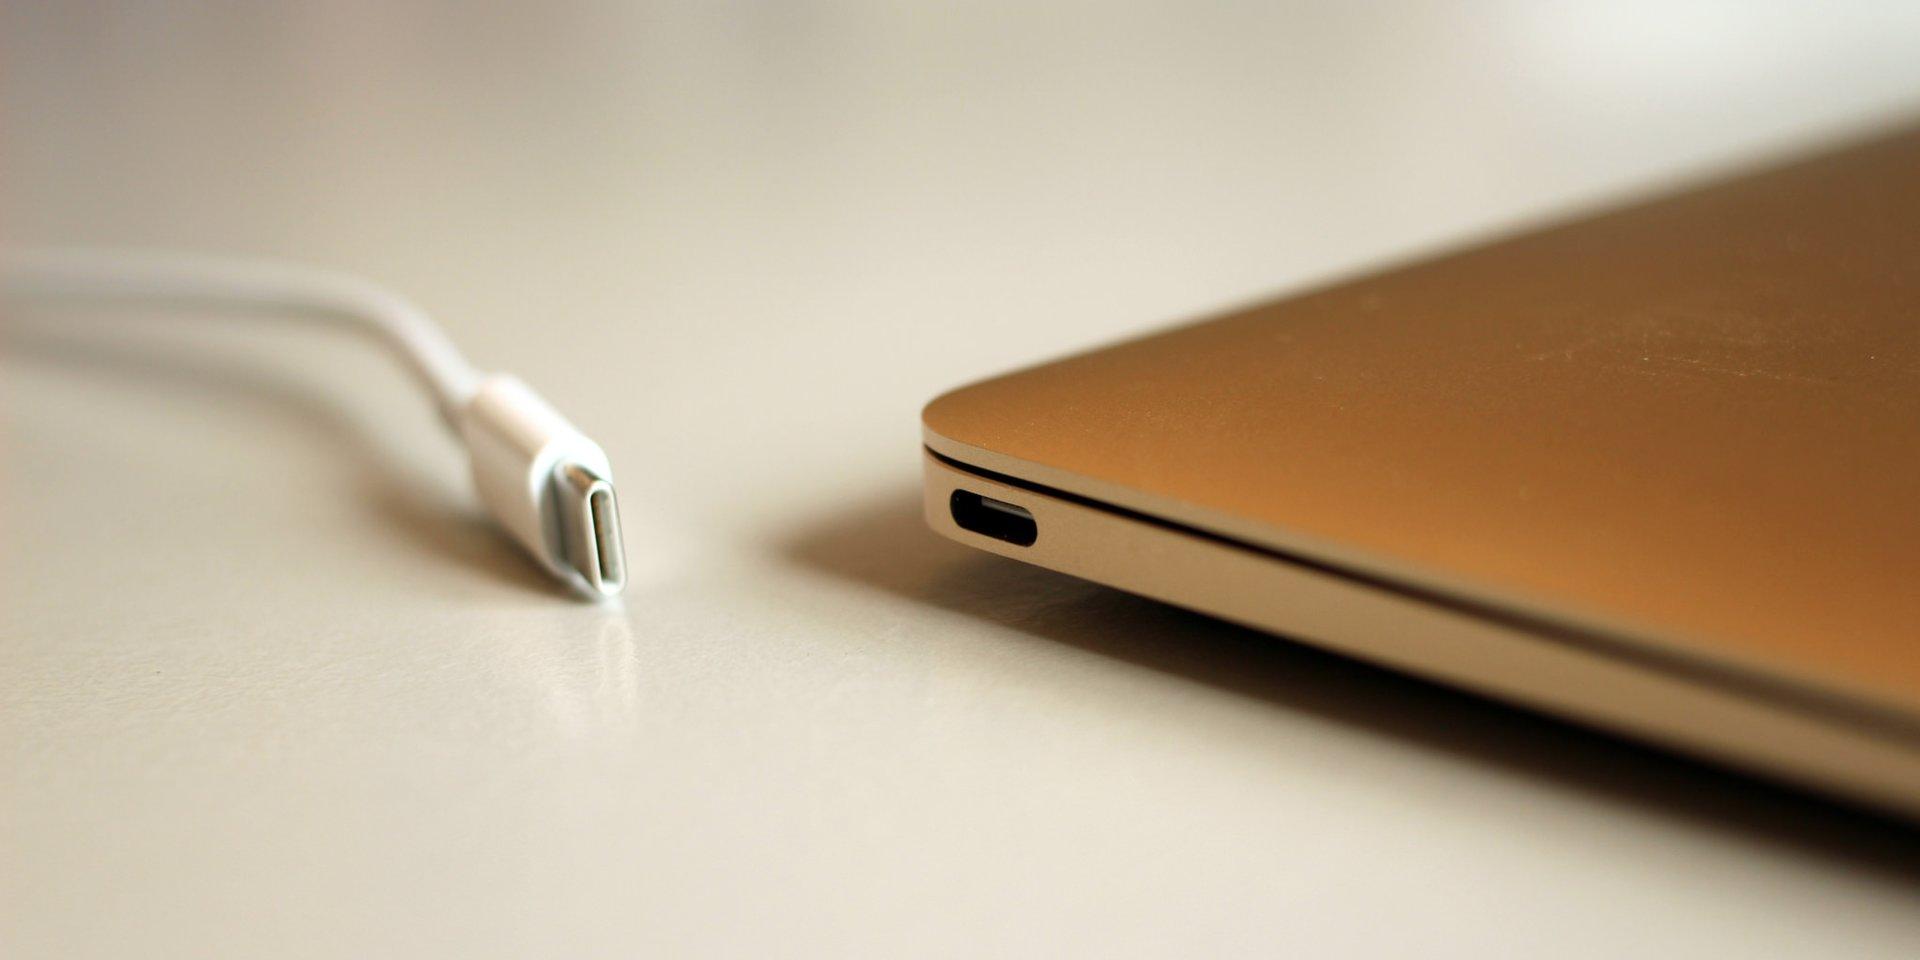 Стоило ли Apple избавляться от магнитной зарядки MagSafe - фото 109   Сервисный центр Total Apple